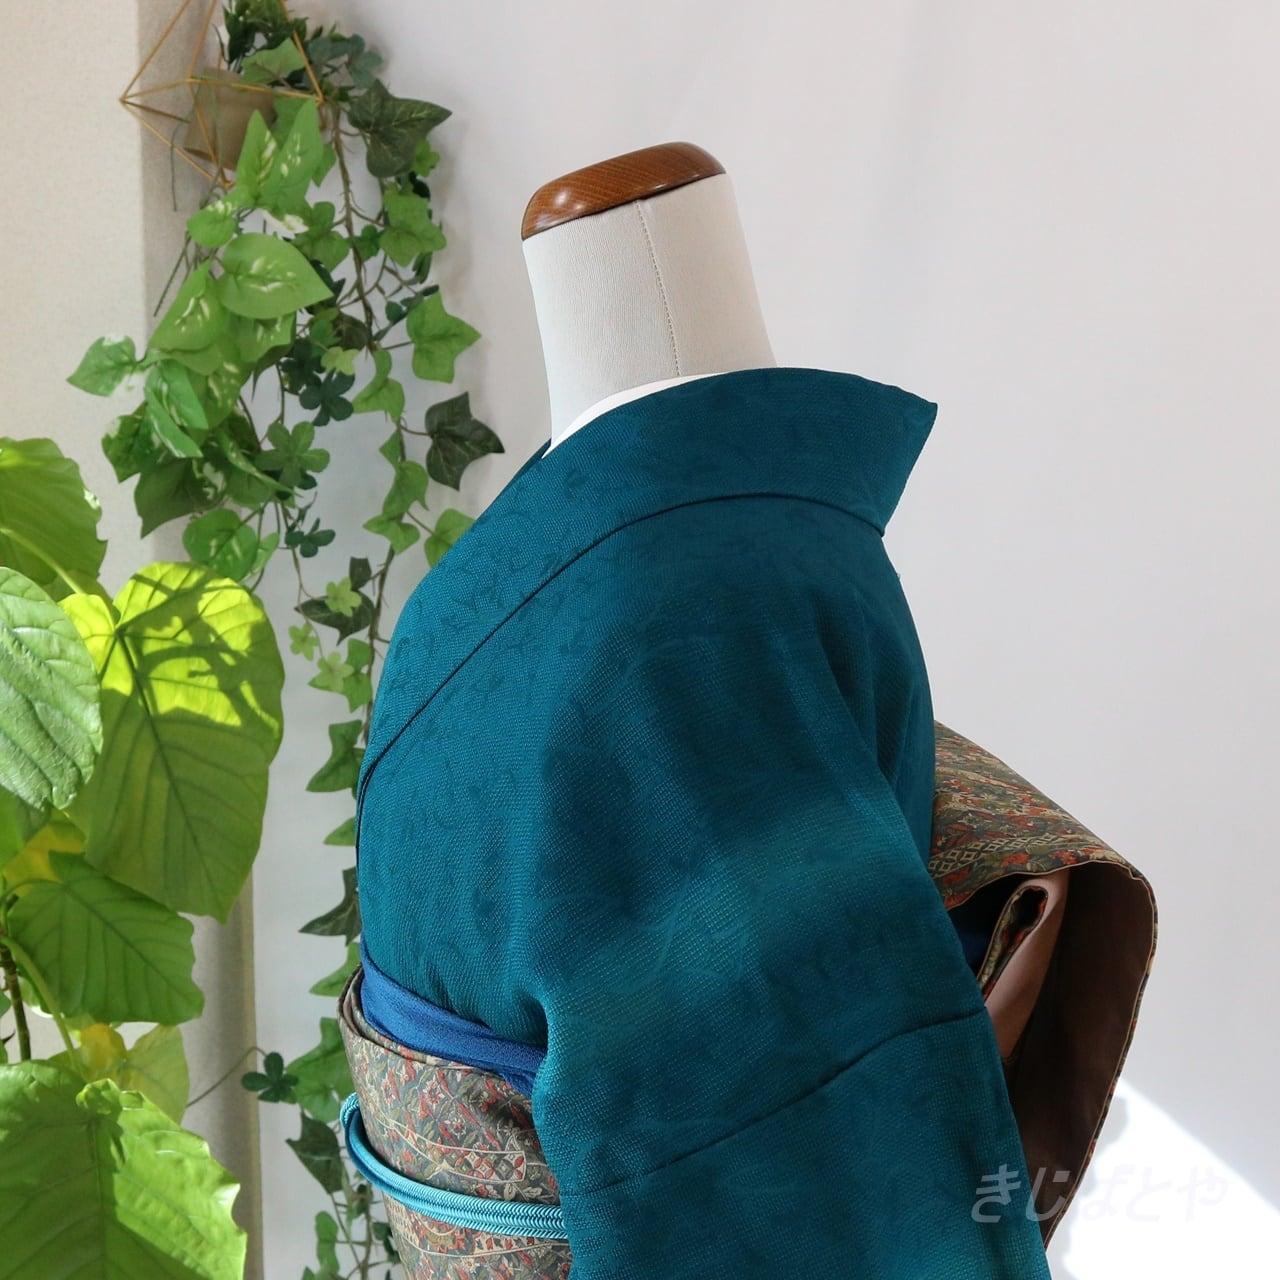 正絹 納戸色のぼかしのレース織りの小紋 袷